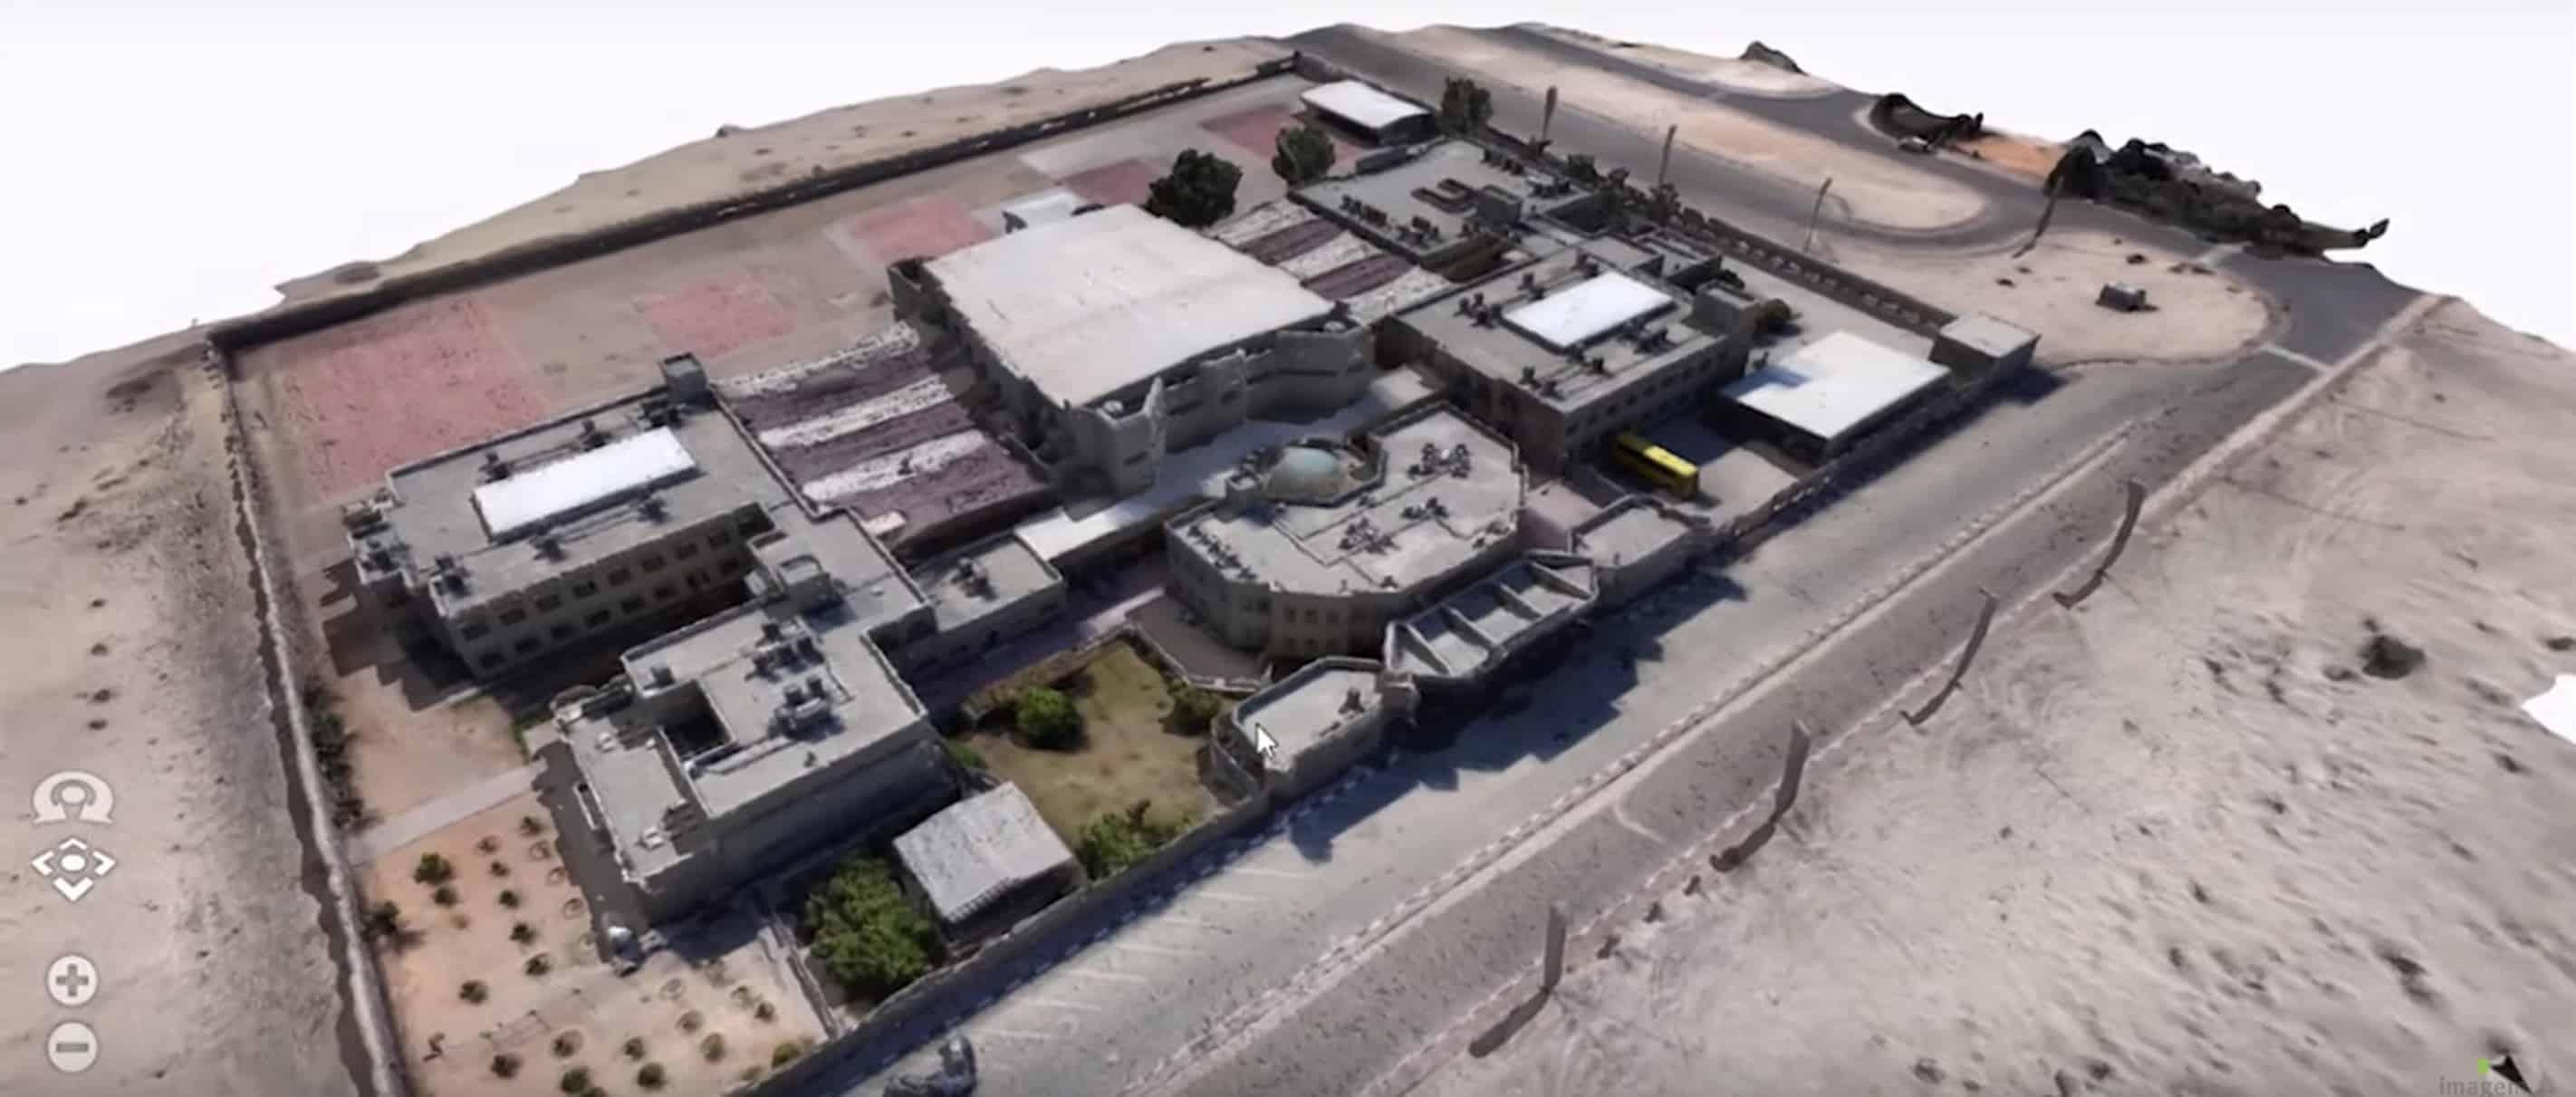 Drone2Map: o software que transforma imagens de drones em mapas 2D e 3D